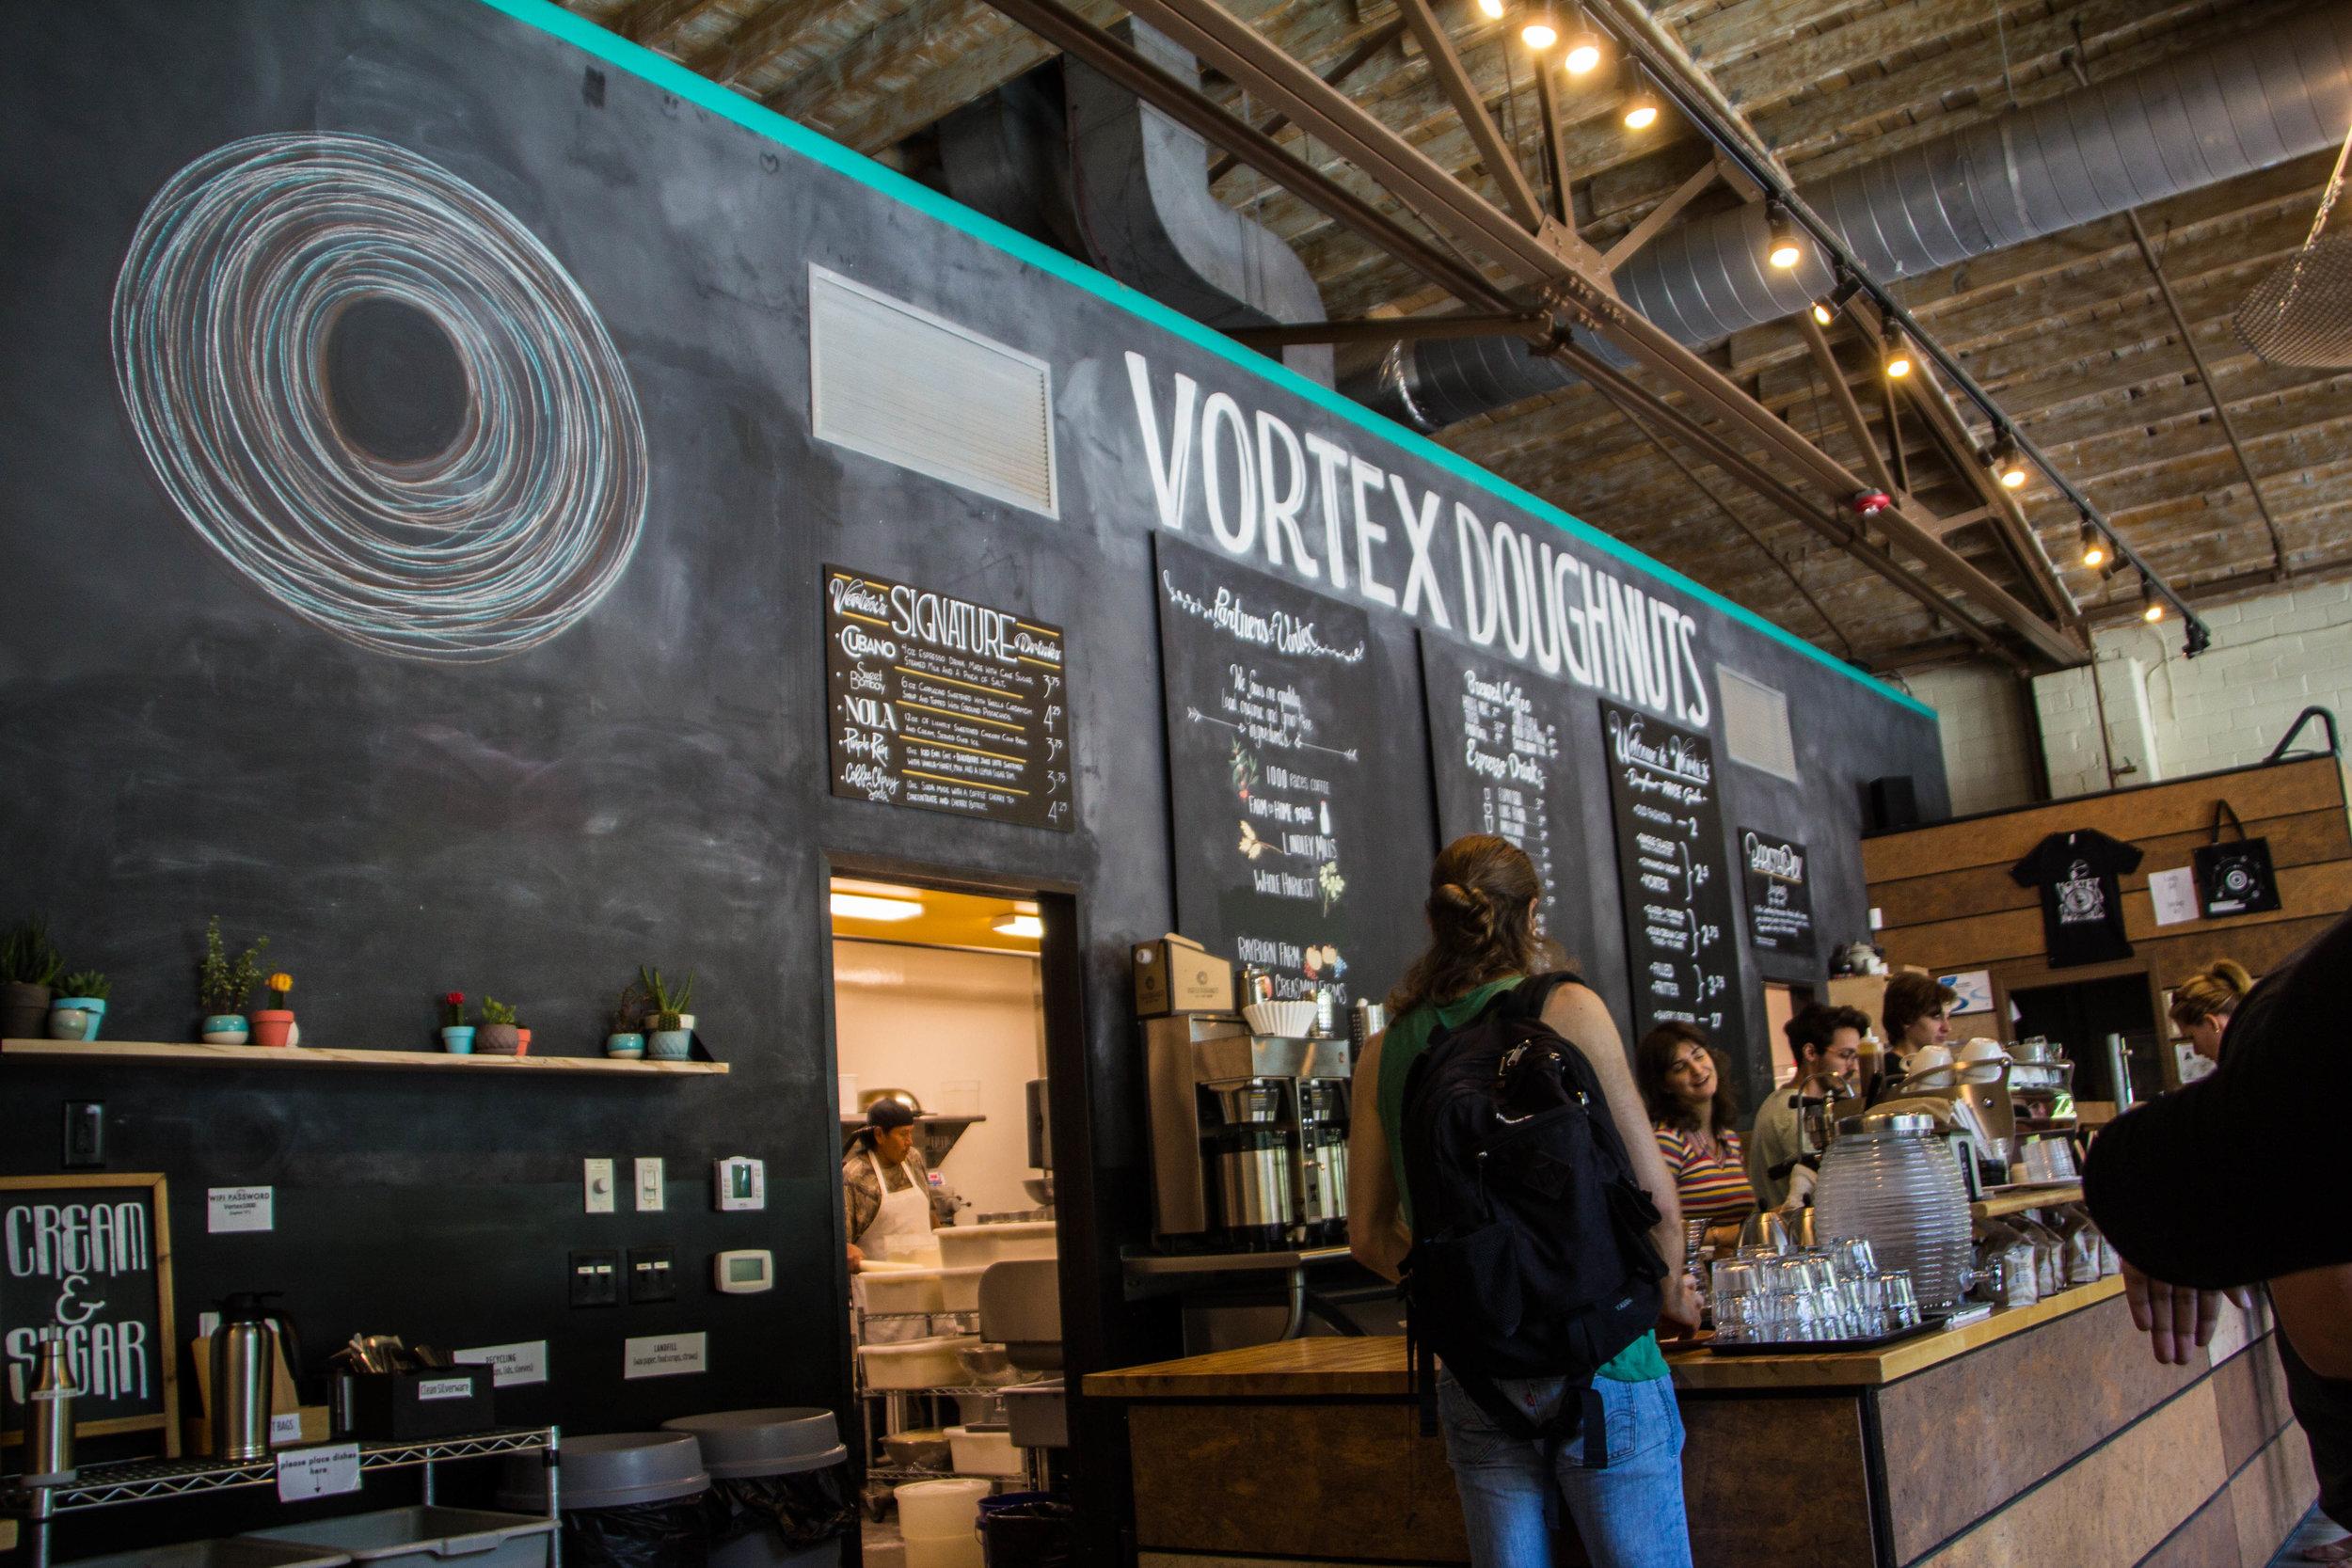 vortex-doughnuts-asheville-12.jpg